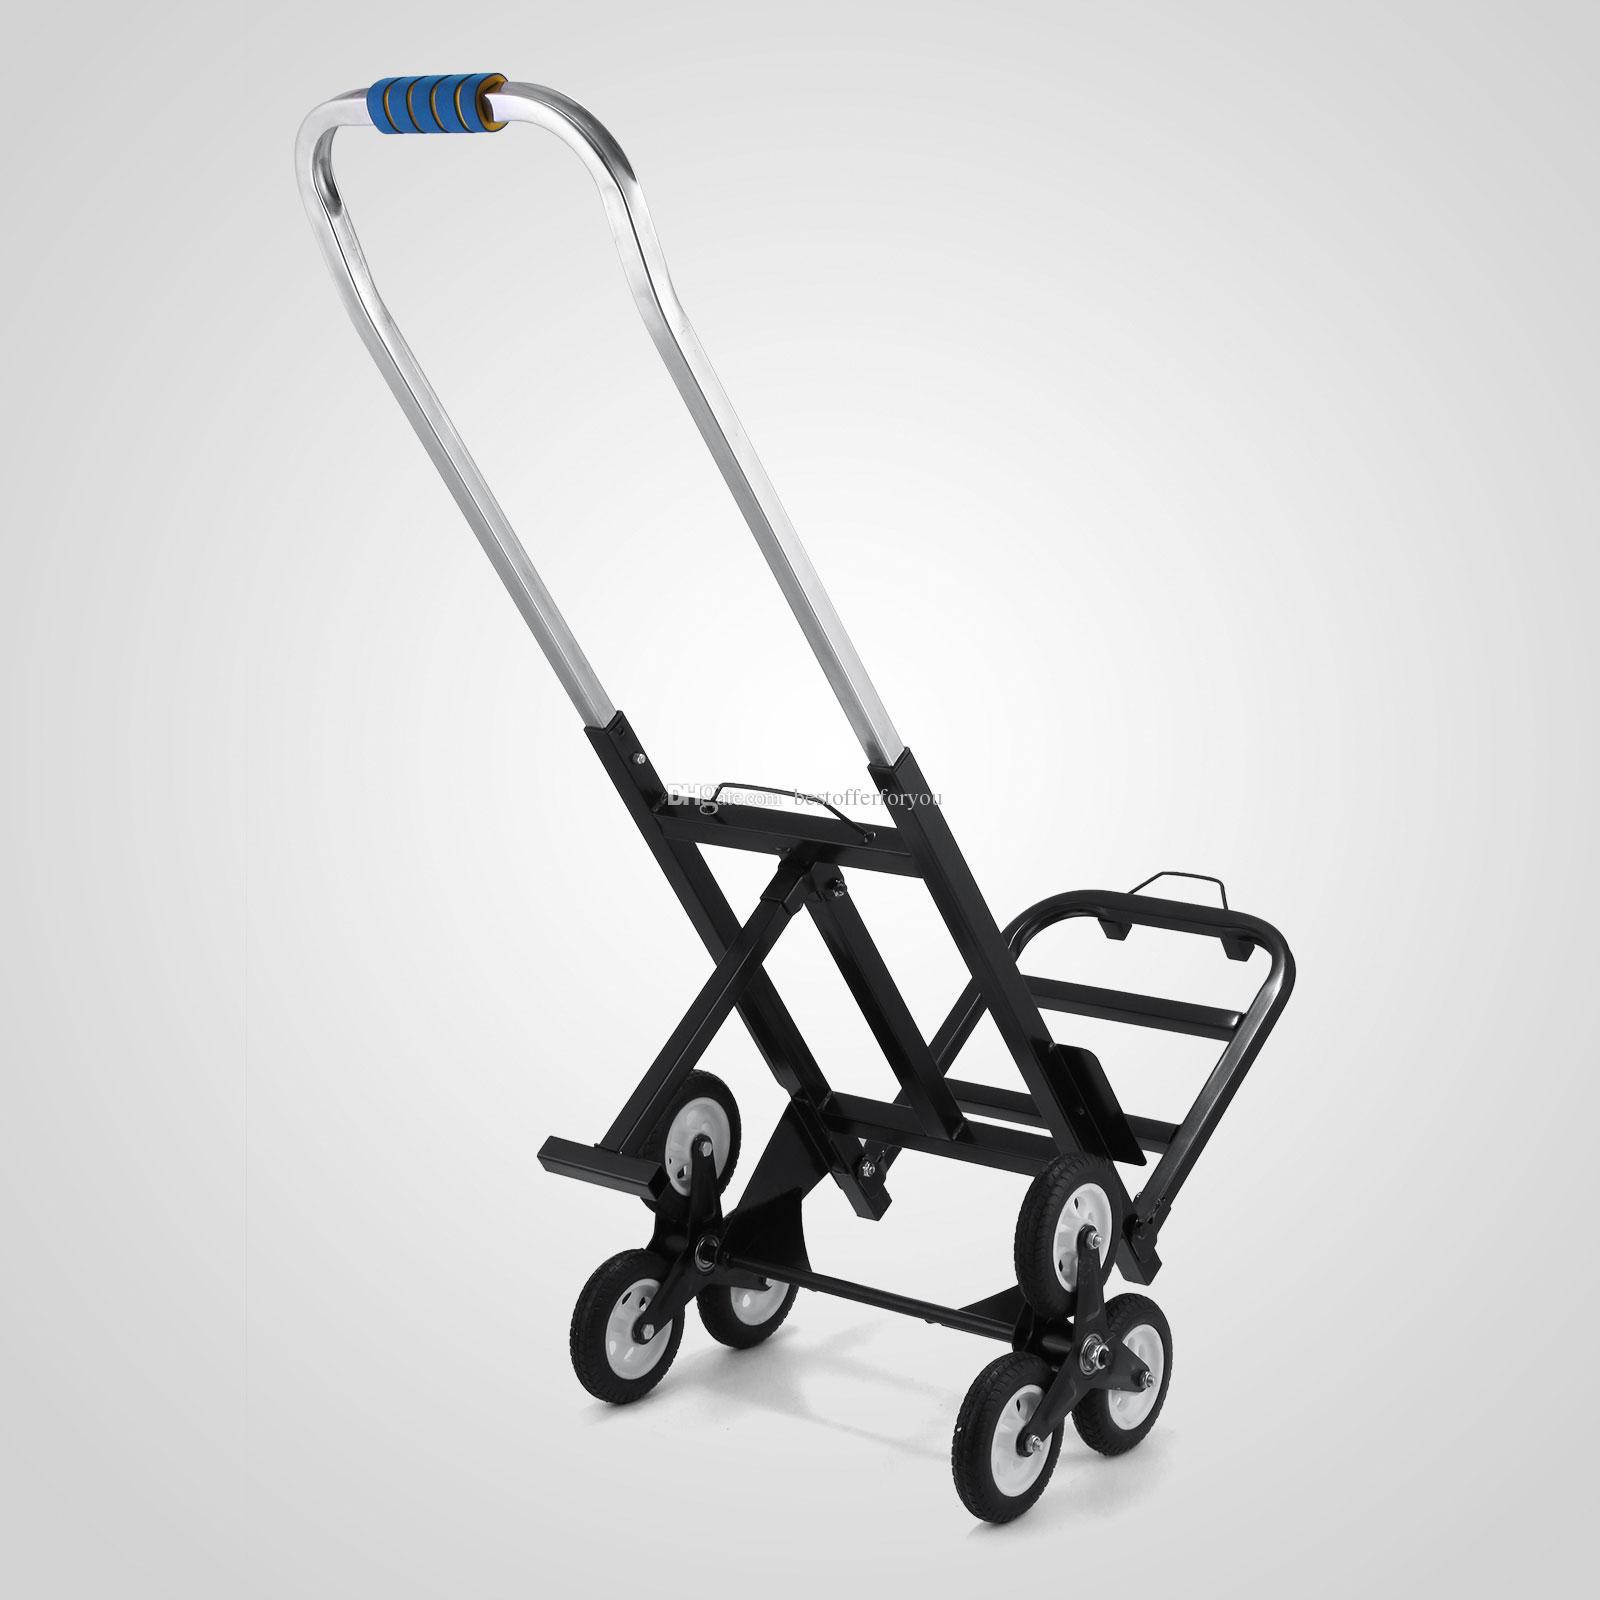 Portátil Acero Al De Compre Carbono Escalera Seis 190kg Ruedas pqEOX